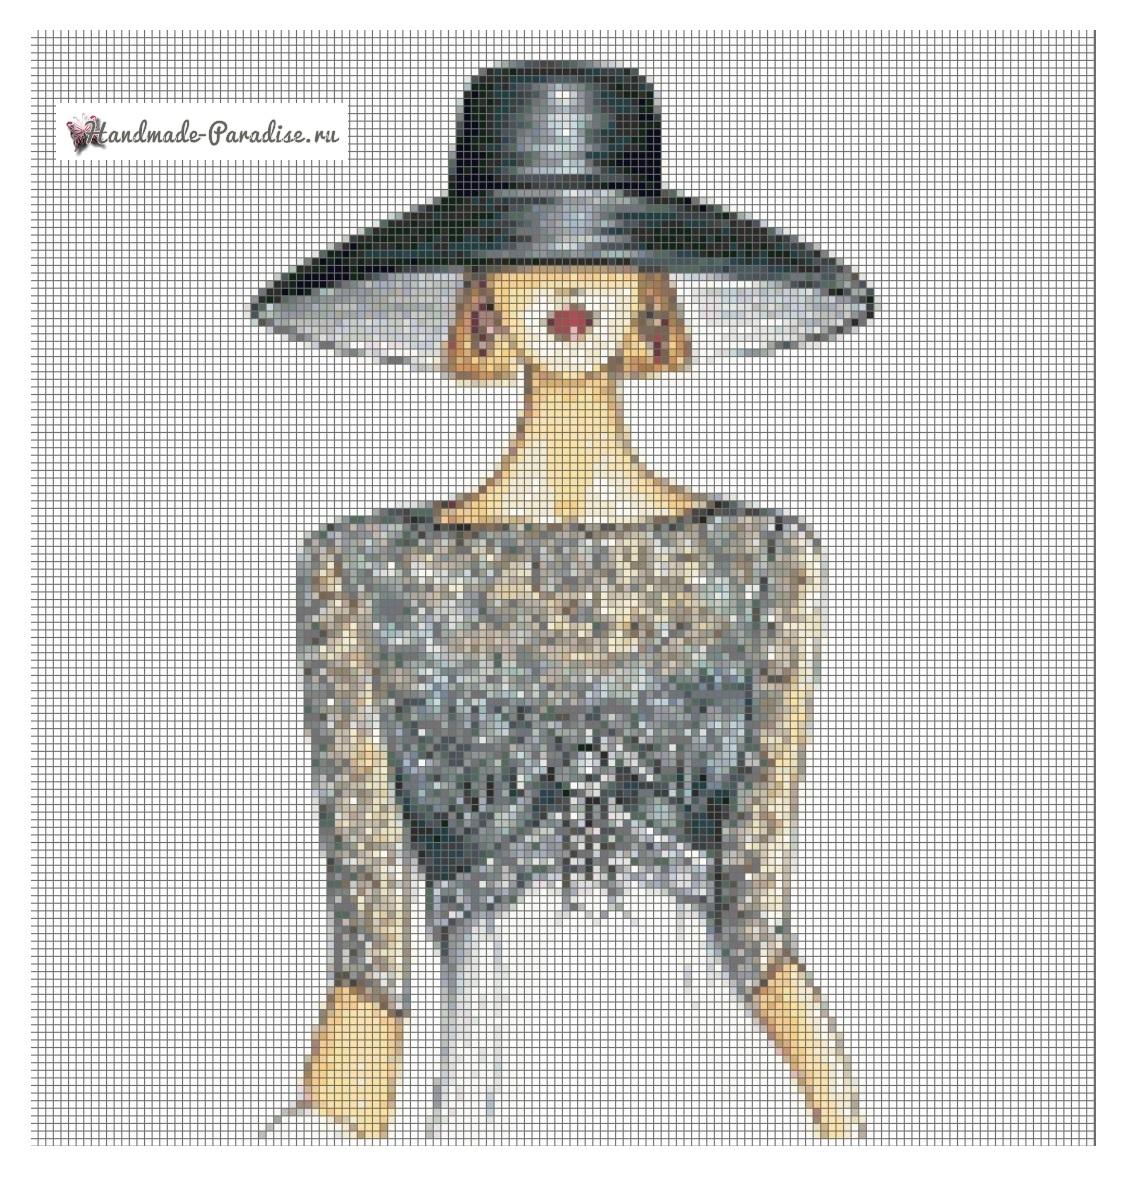 Дама в шляпке - схемы вышивки крестом (1)